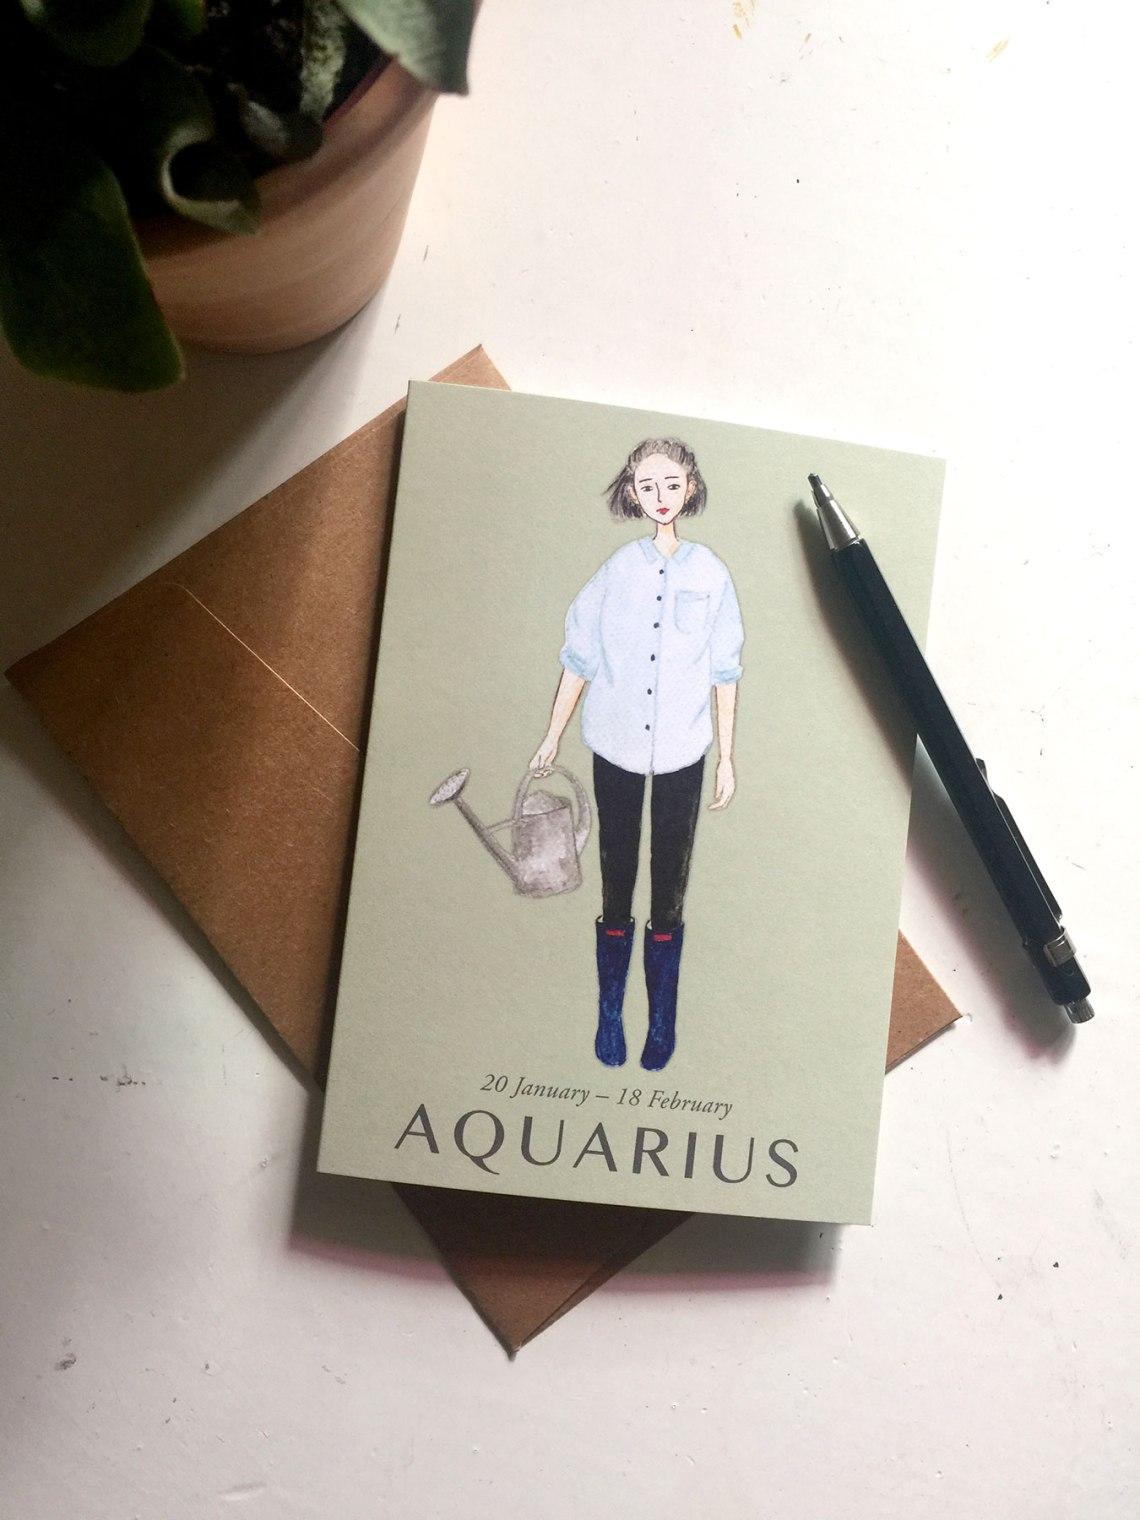 aquarius_03